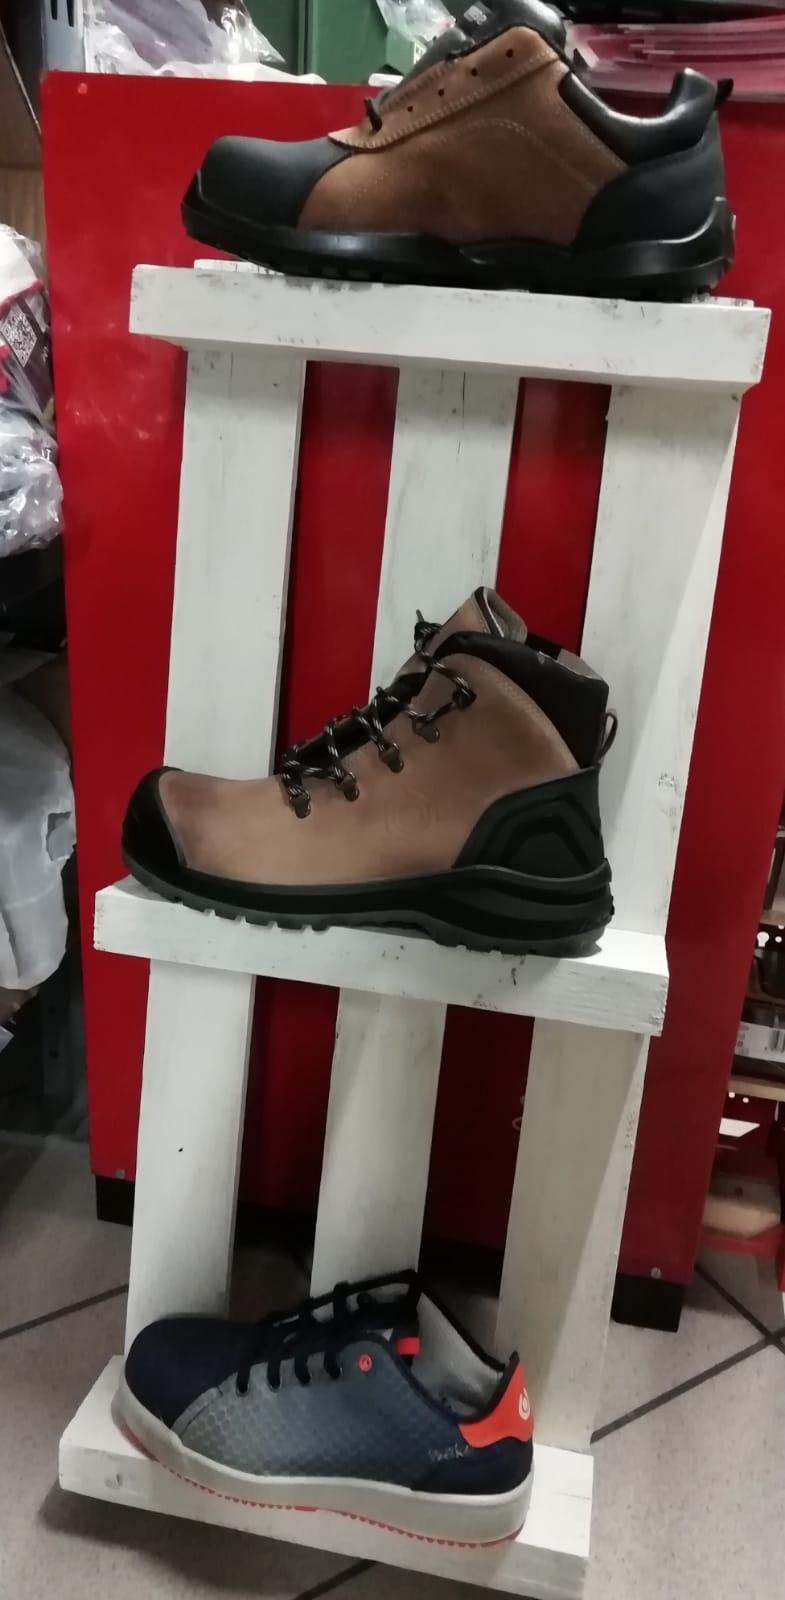 Le scarpe antinfortunistiche Base Protection le trovi da Ferramenta Elena